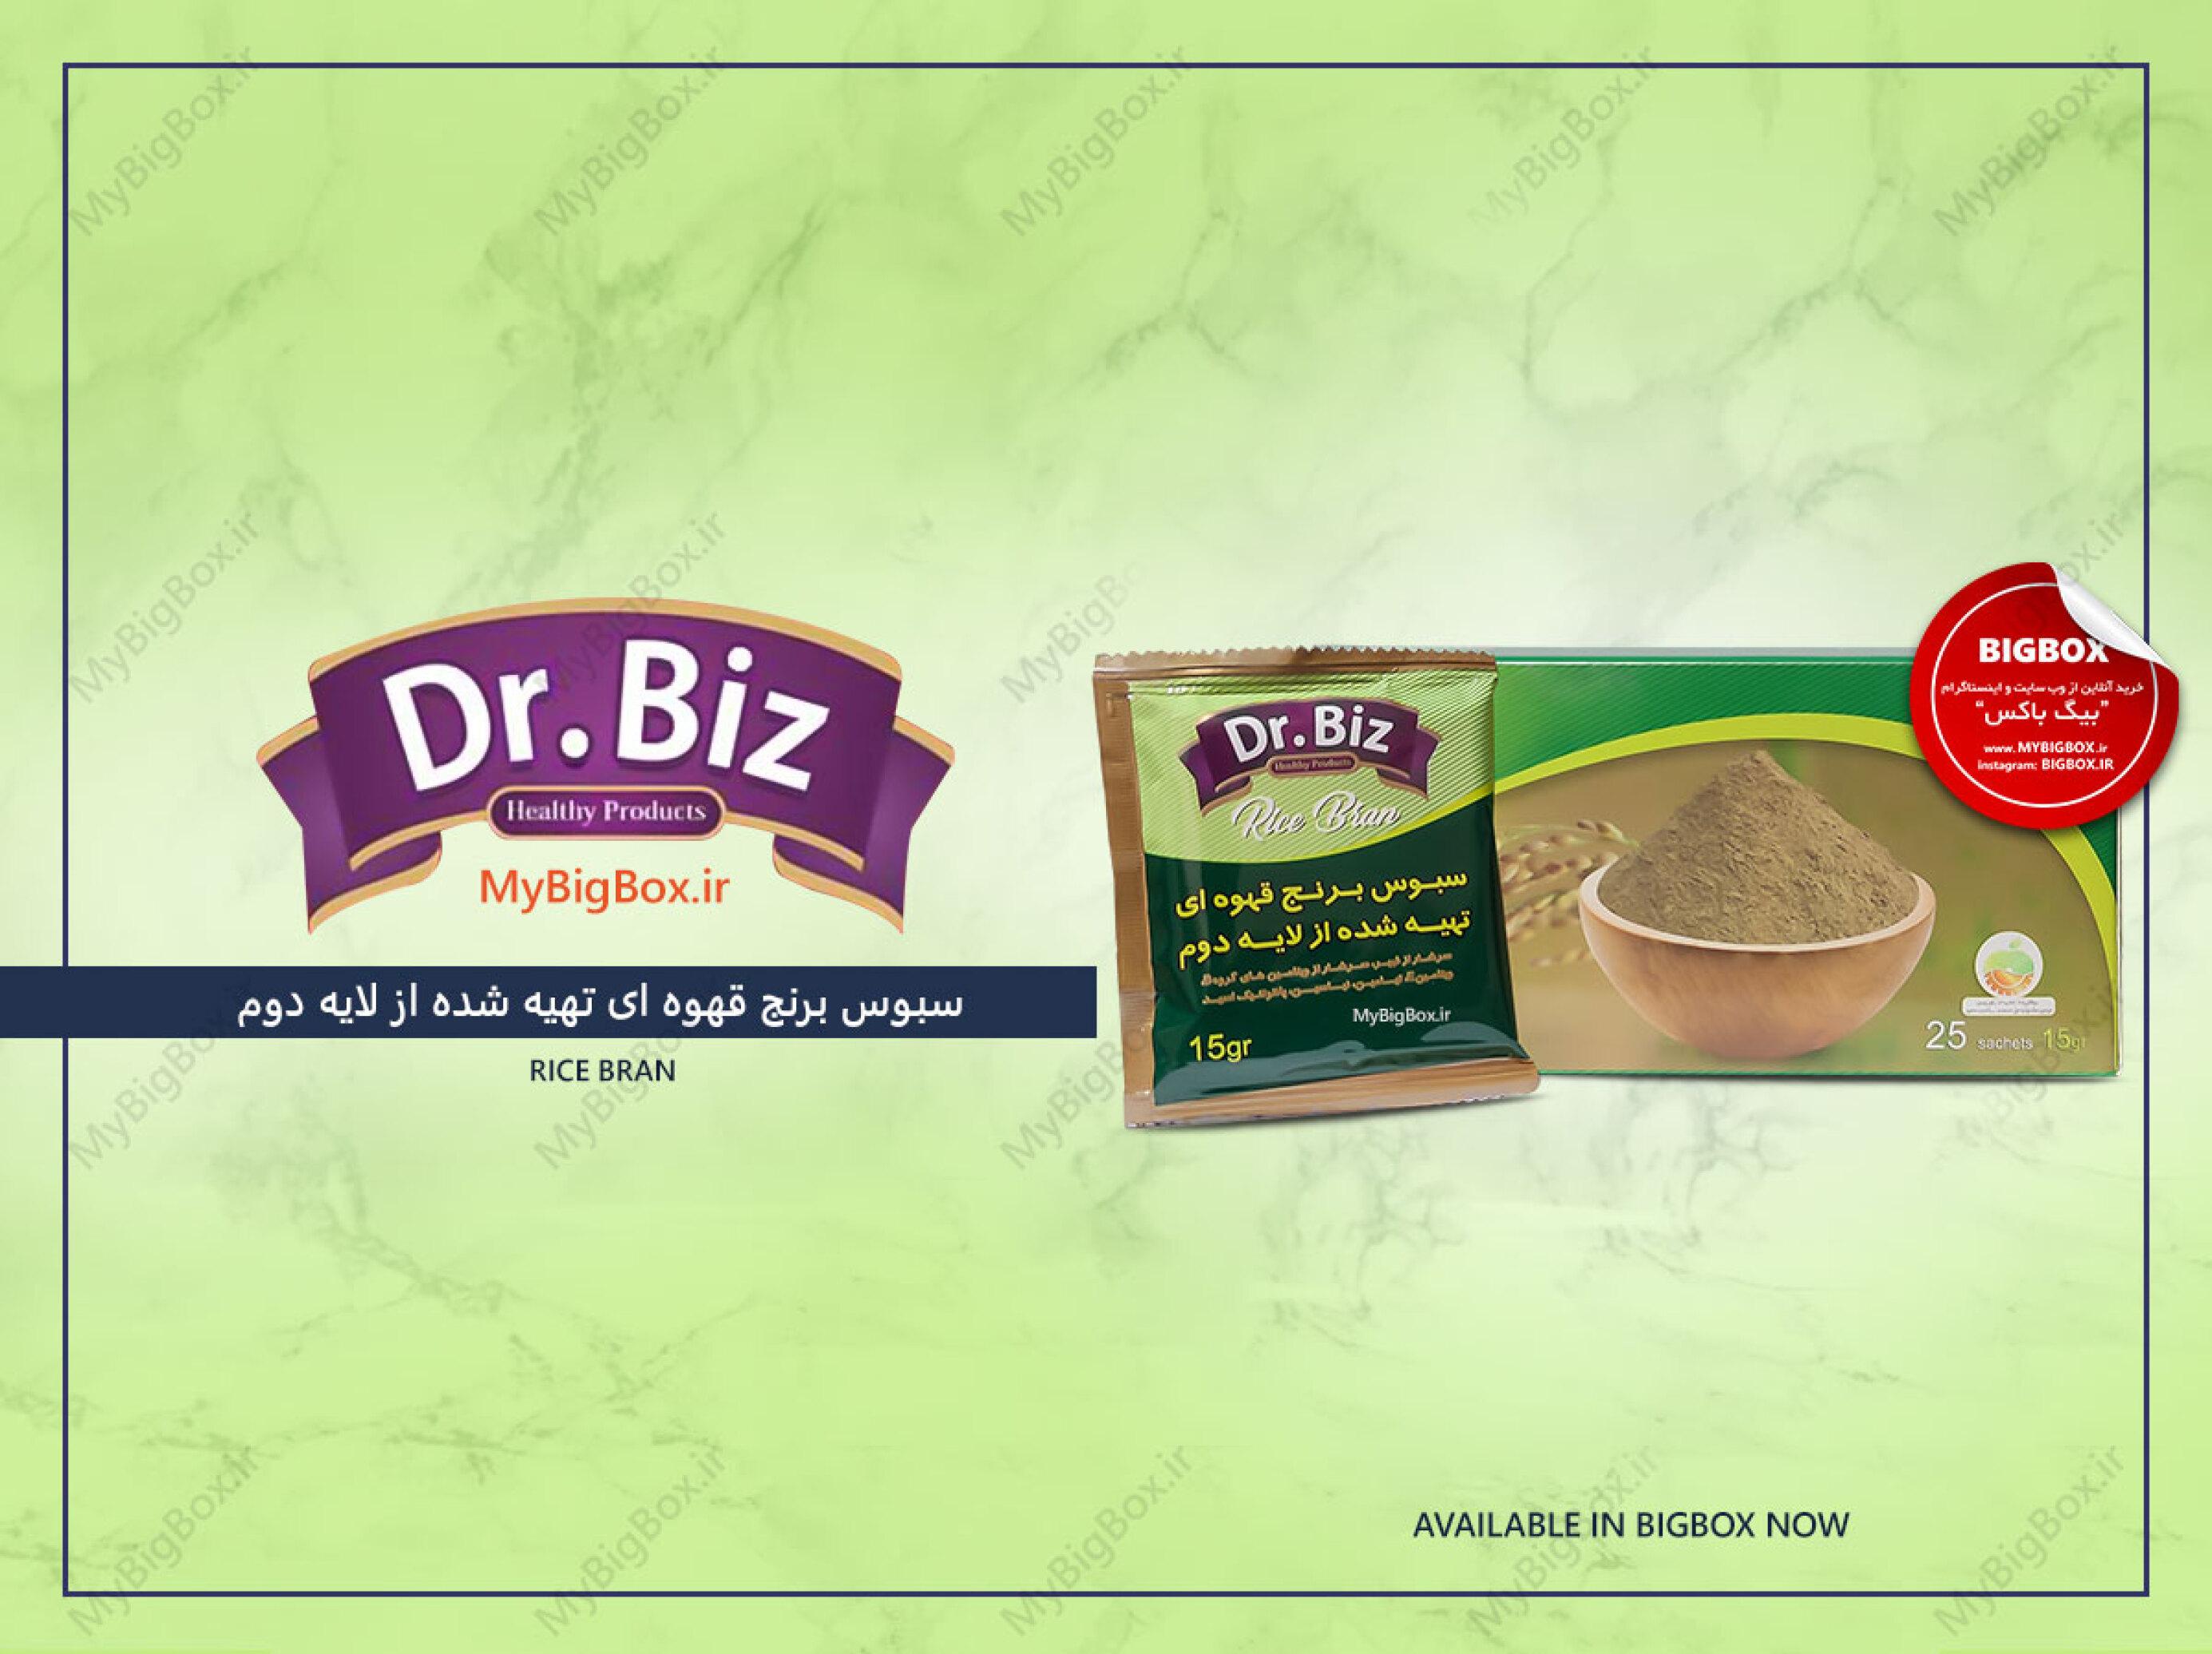 سبوس برنج قهوه ای دکتر بیز - 375 گرمی Dr.Biz Rice Bran